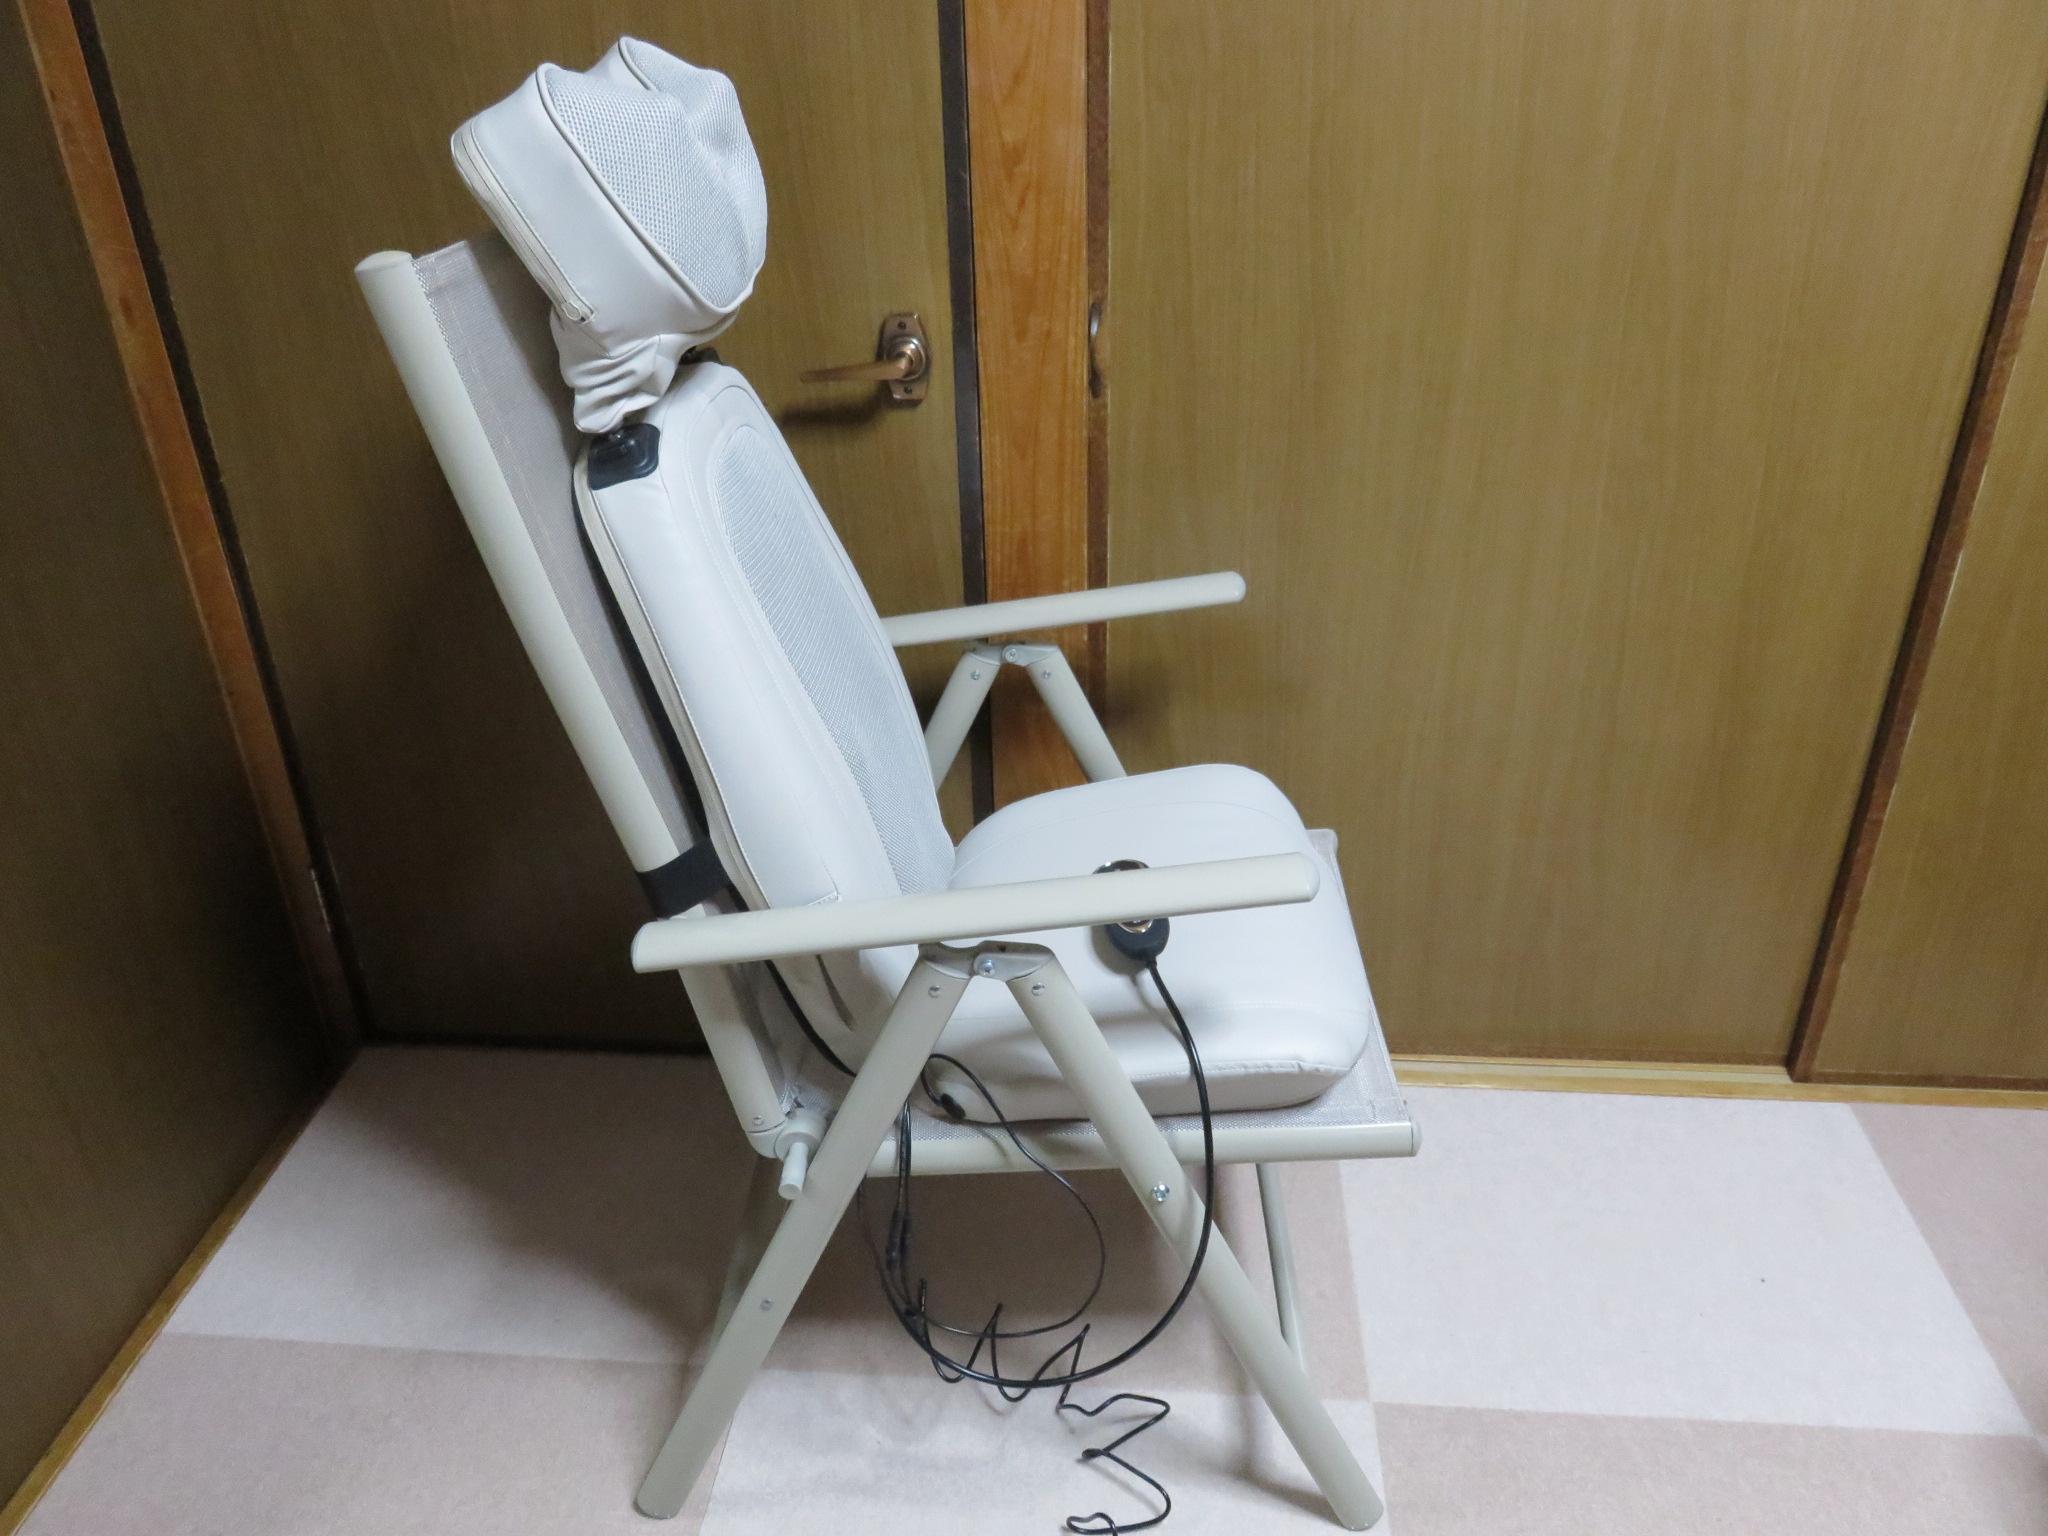 コンパクトマッサージ機 マッサージチェア【モミマー】買いました!